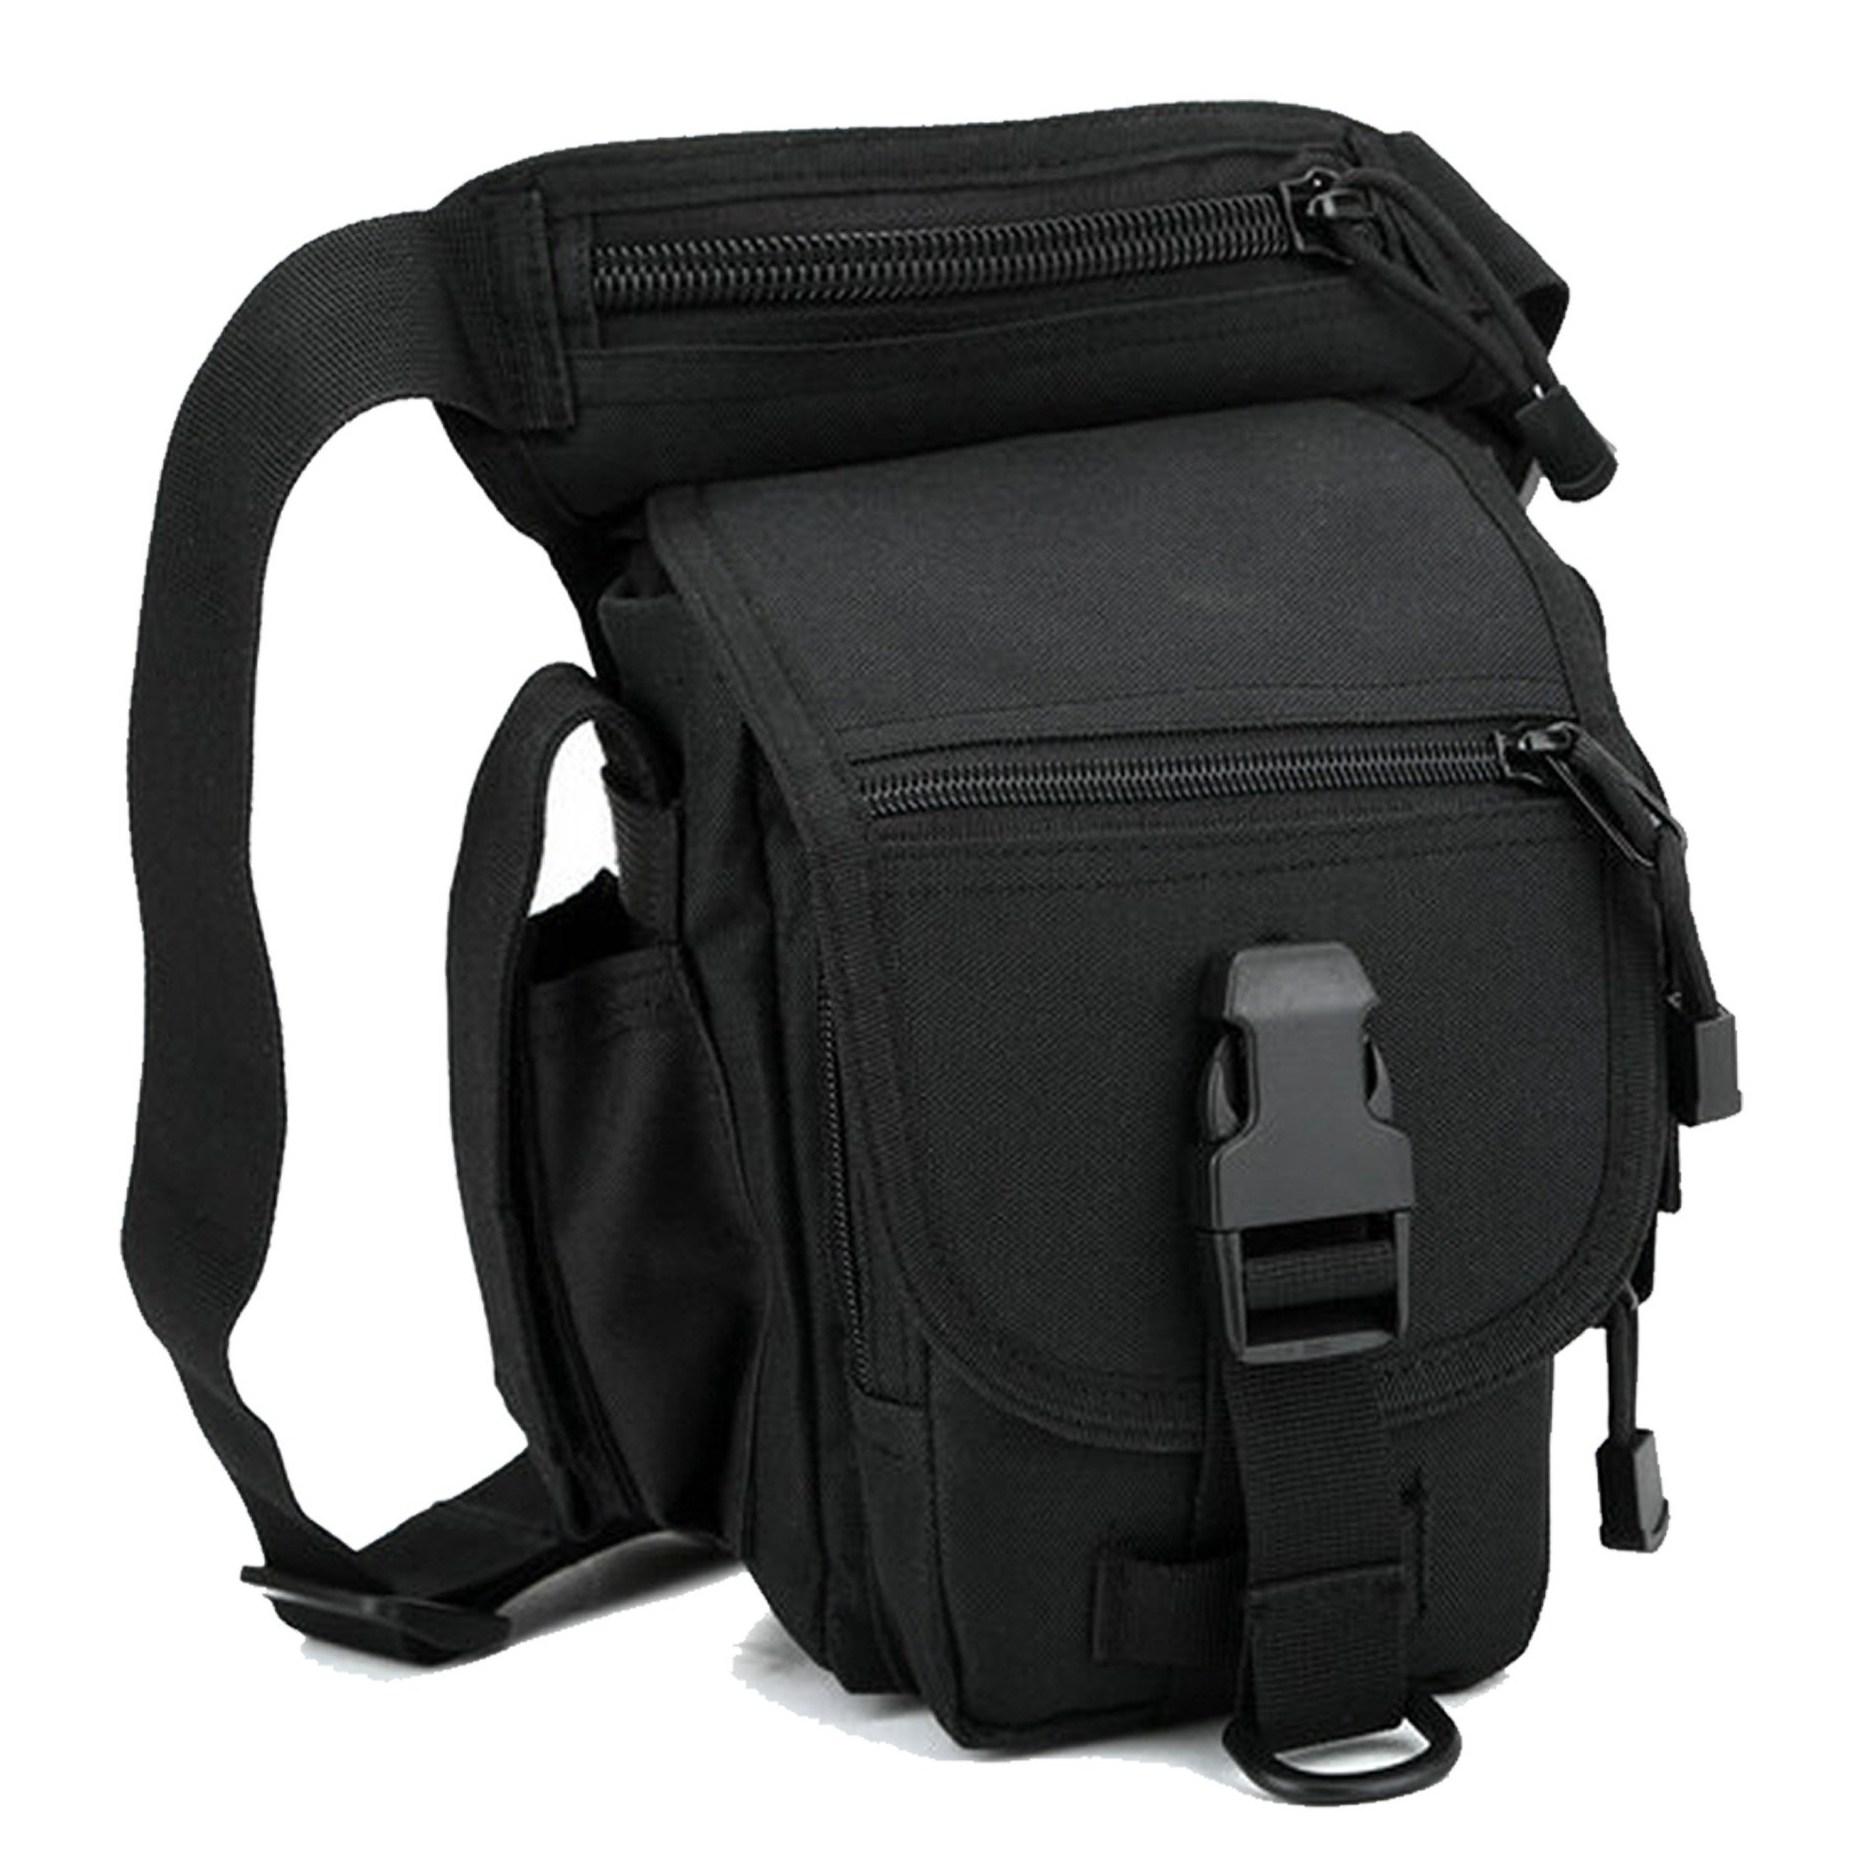 오토바이가방 바이크 허벅지 다리착용 가방 워킹 낚시 보조가방 힙색 레그백, 블랙